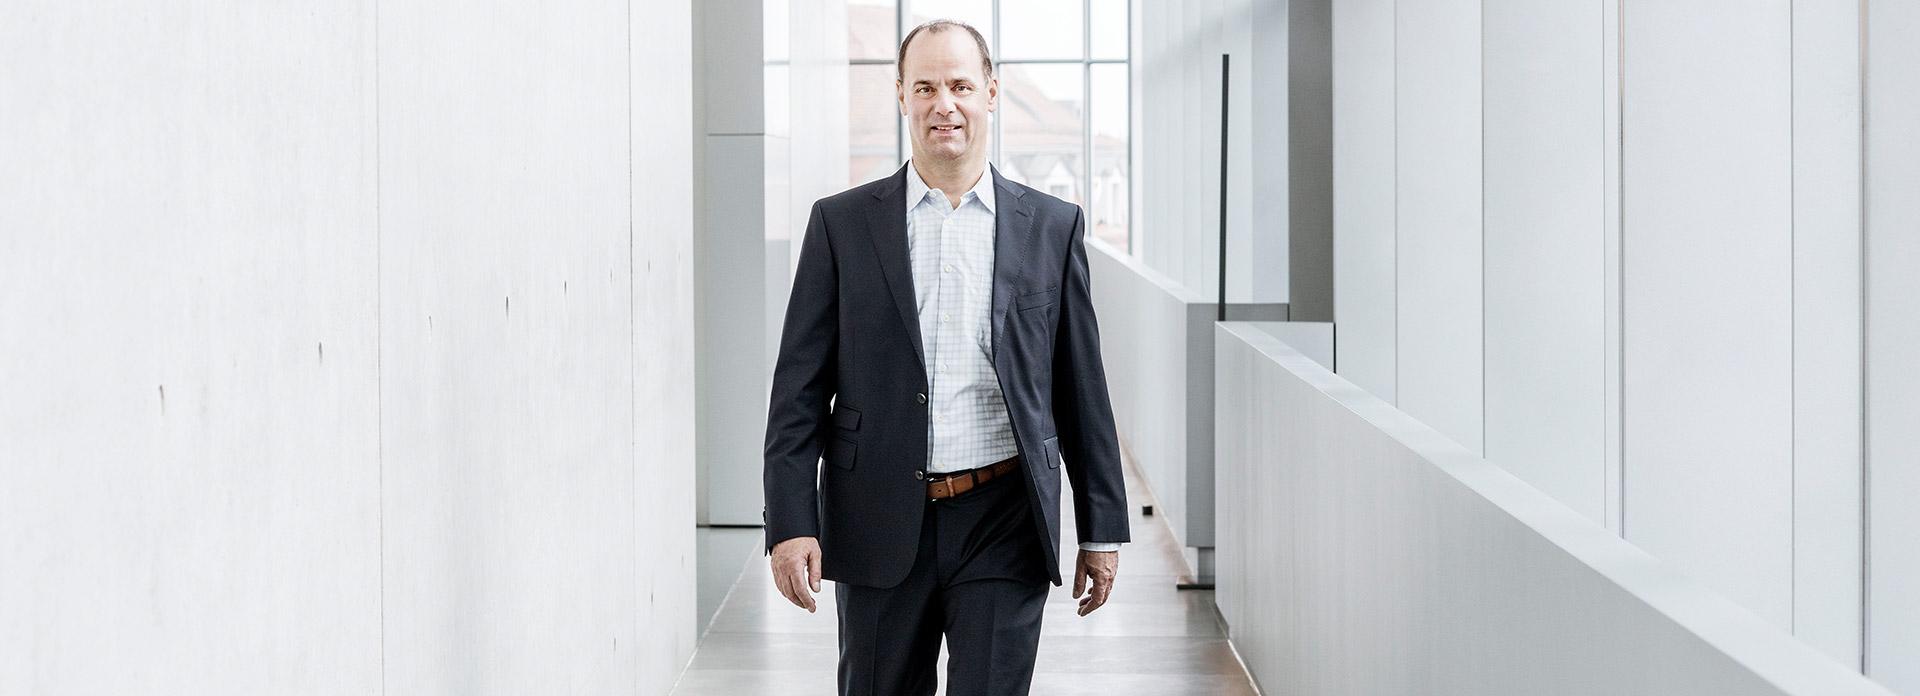 Heiko van Eckert - Top Deal Consulting - Startbild 1